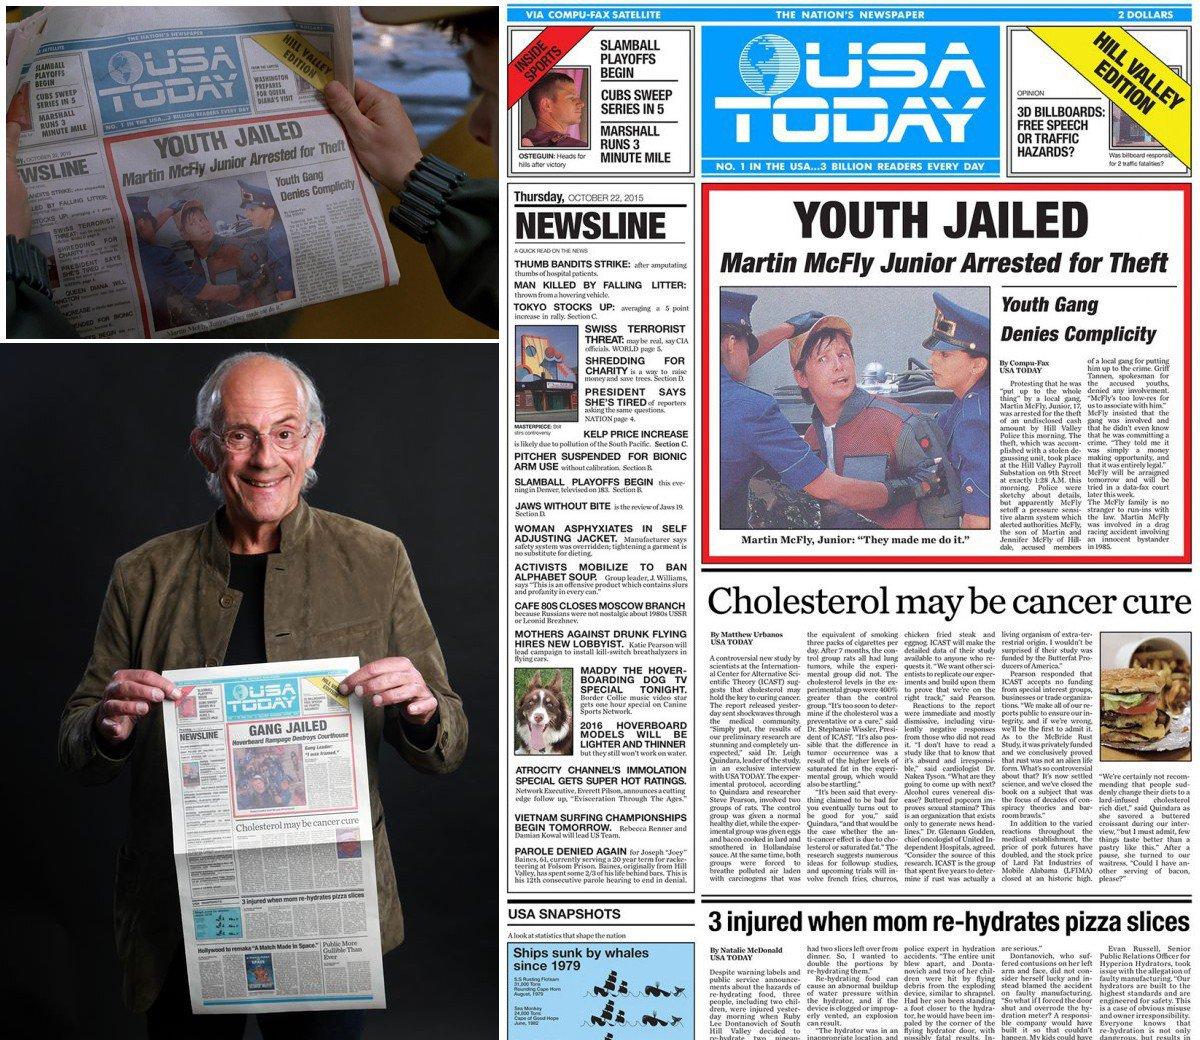 『バック・トゥ・ザ・フューチャー』登場の2015年10月21日付USAトゥデイ紙をUSAトゥデイがリメイクの粋な計らい。2015年にUSAトゥデイがちゃんと新聞として存続していることもめでたい。LAタイムズ紙版やLIFEだったら無理 https://t.co/ebaSvu3gVk